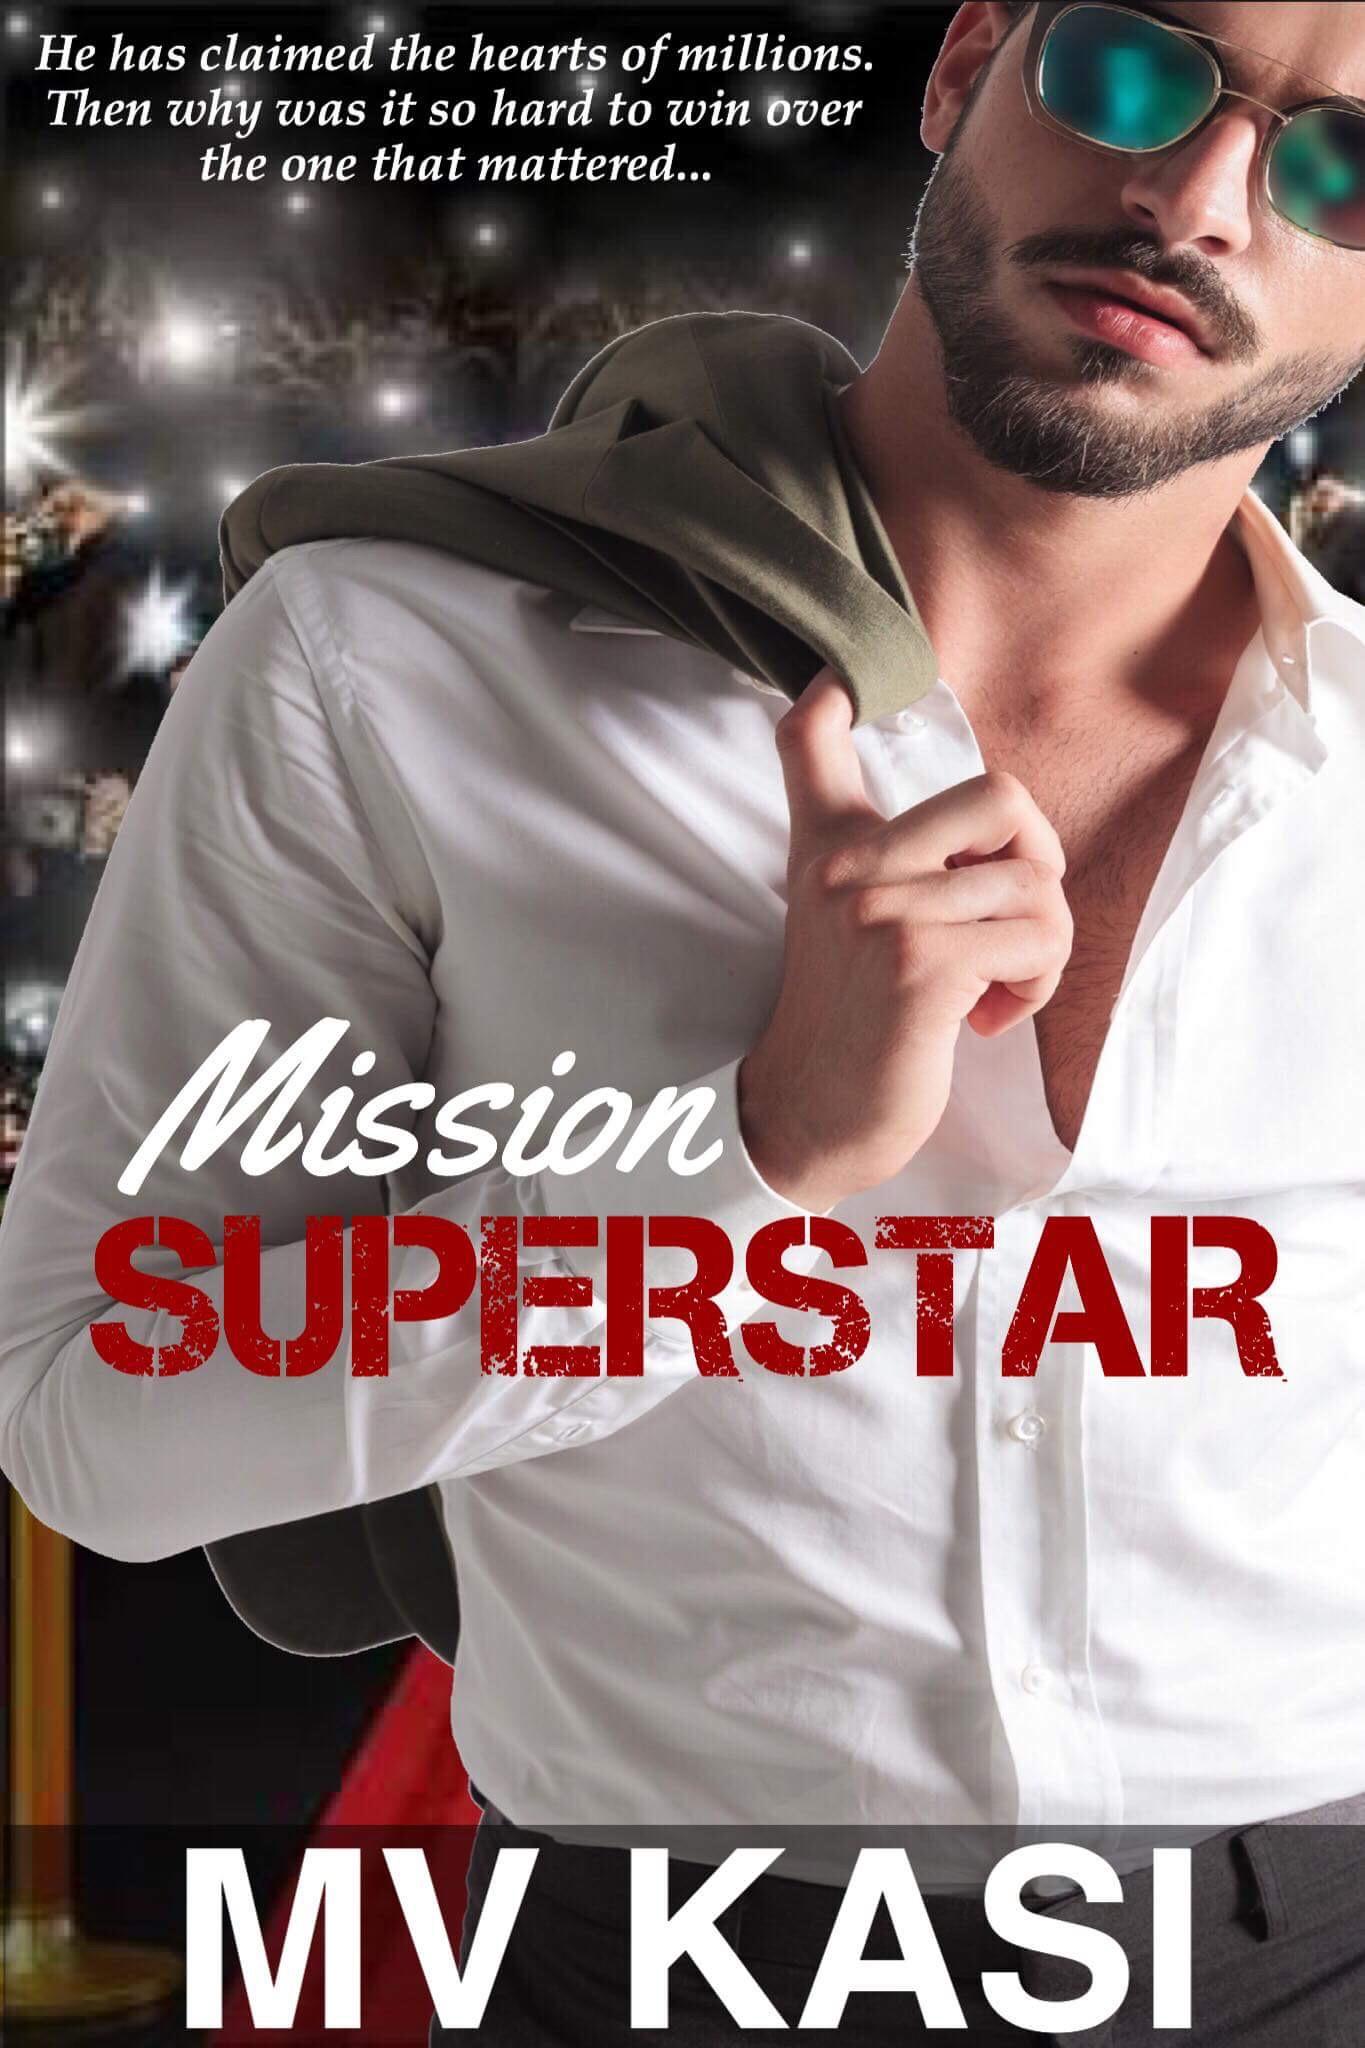 Kasi - Mission Superstar